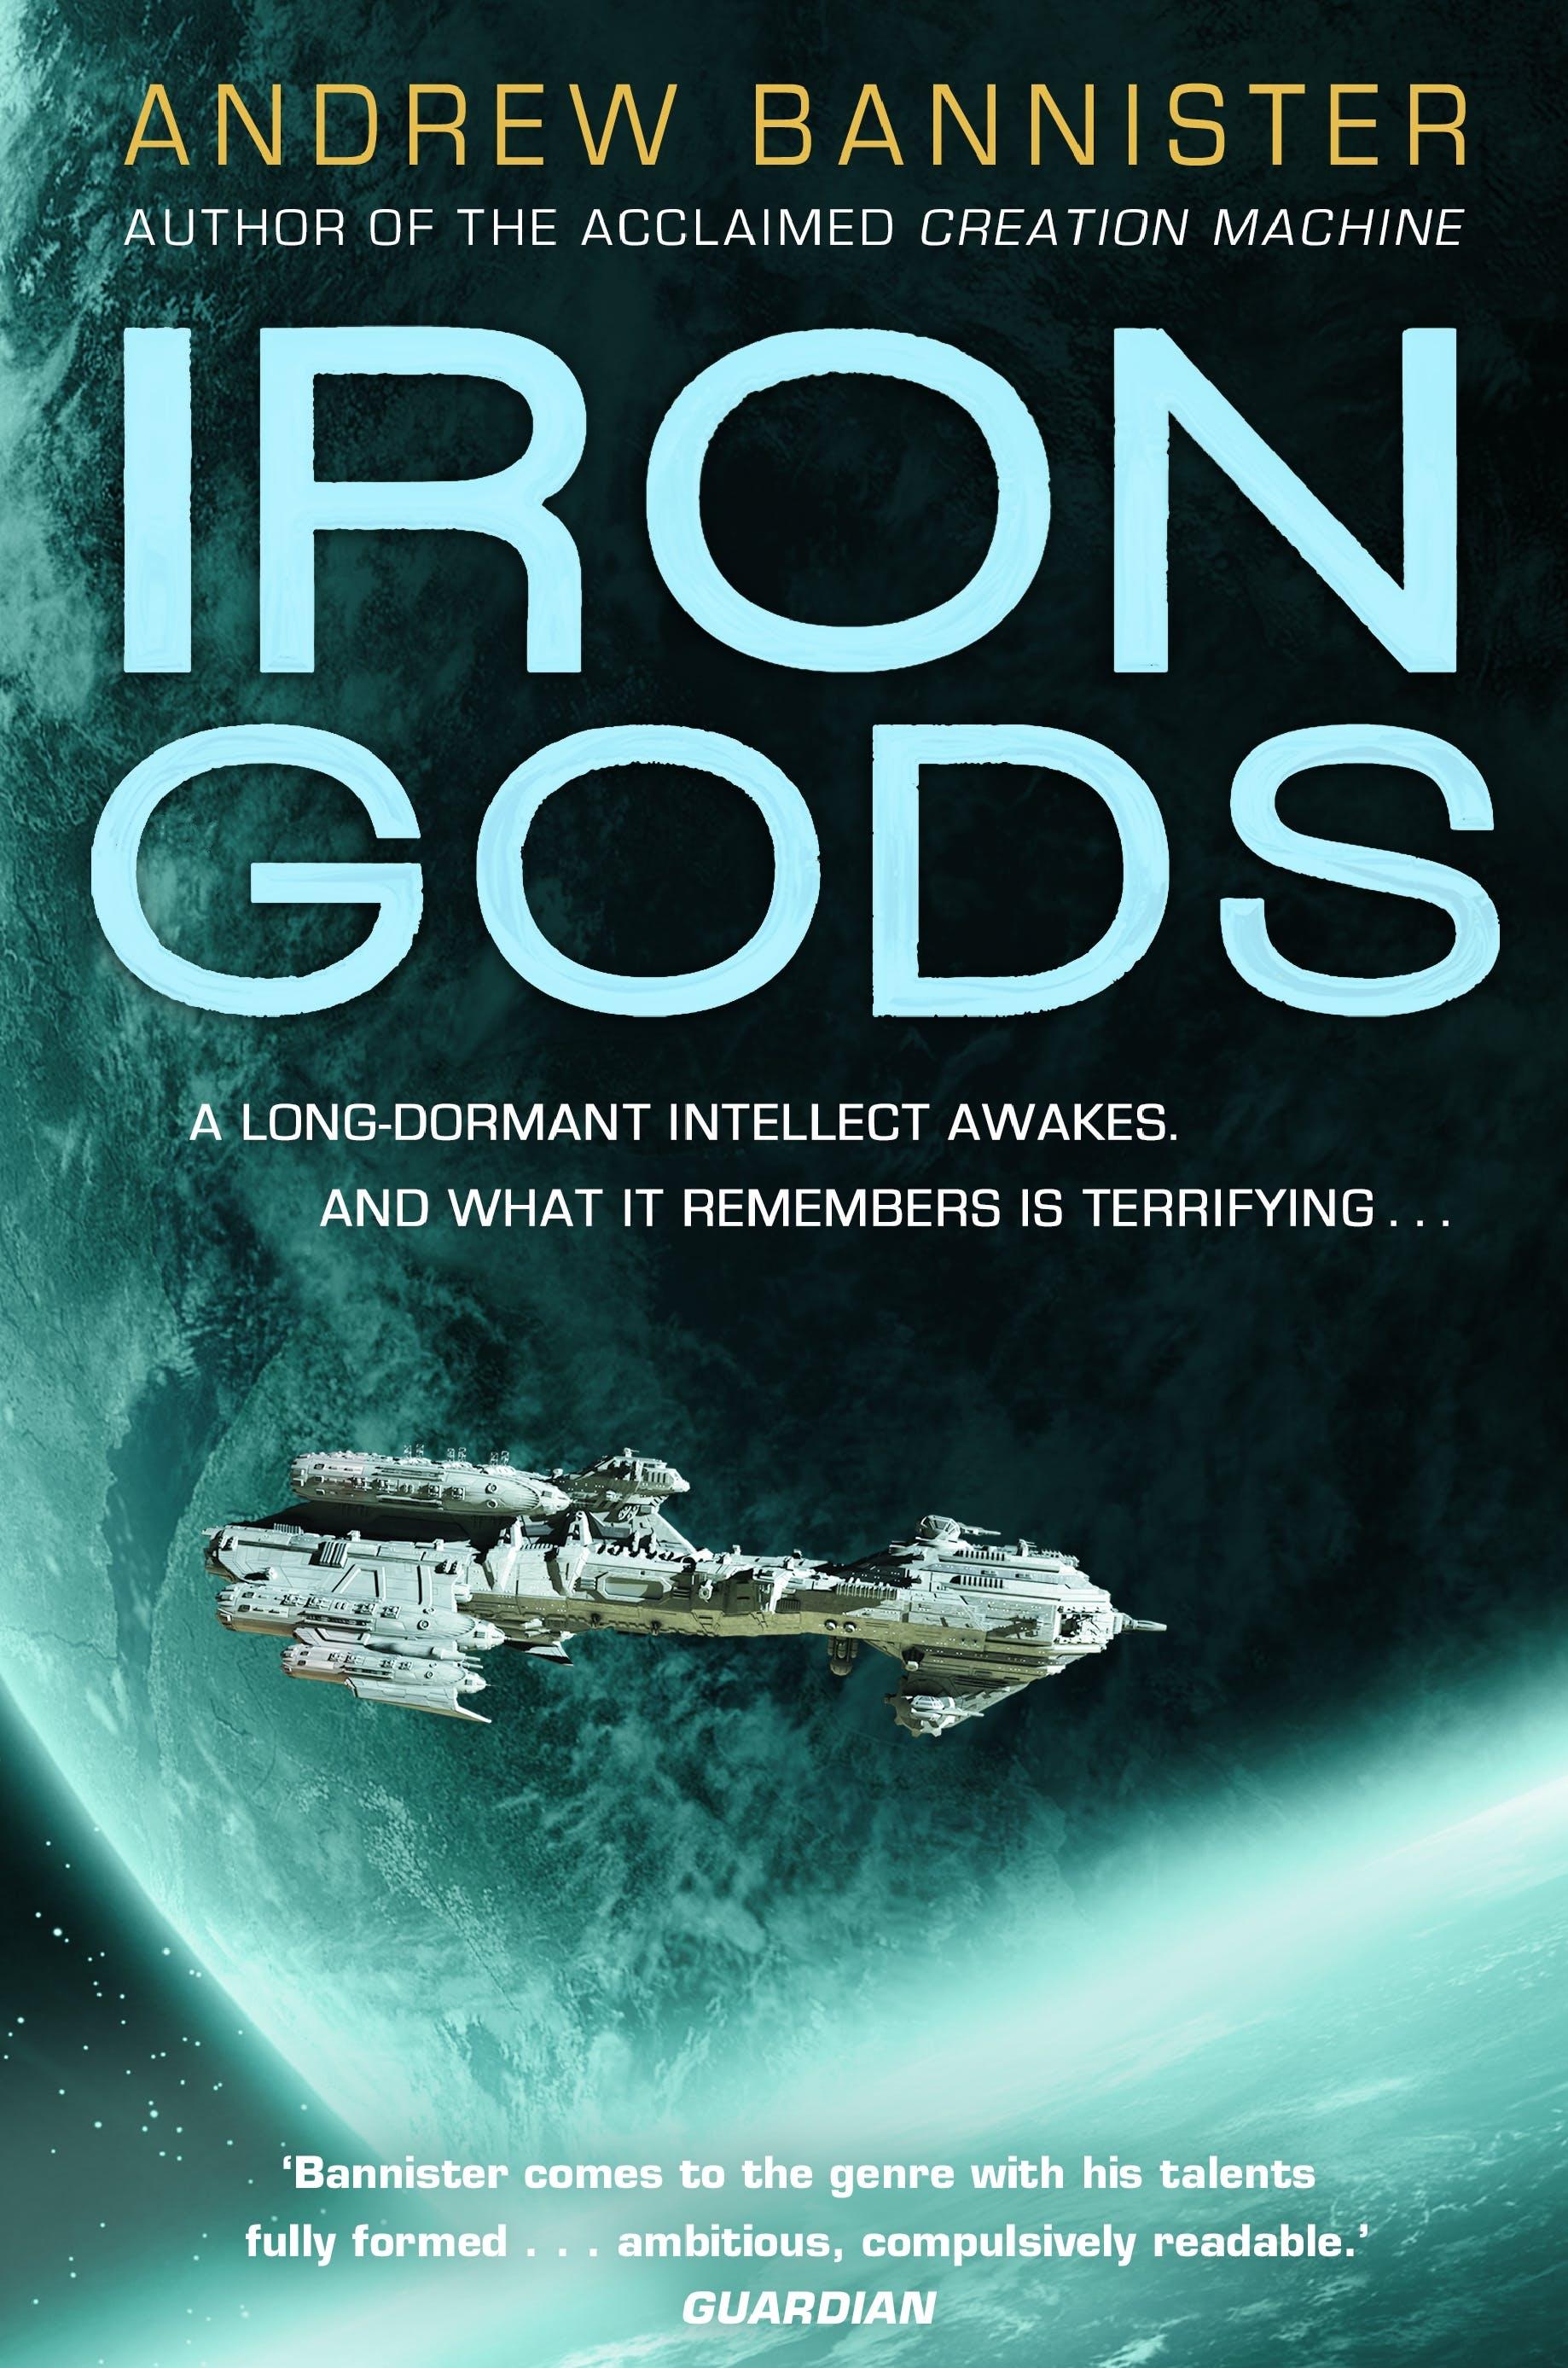 Image of Iron Gods